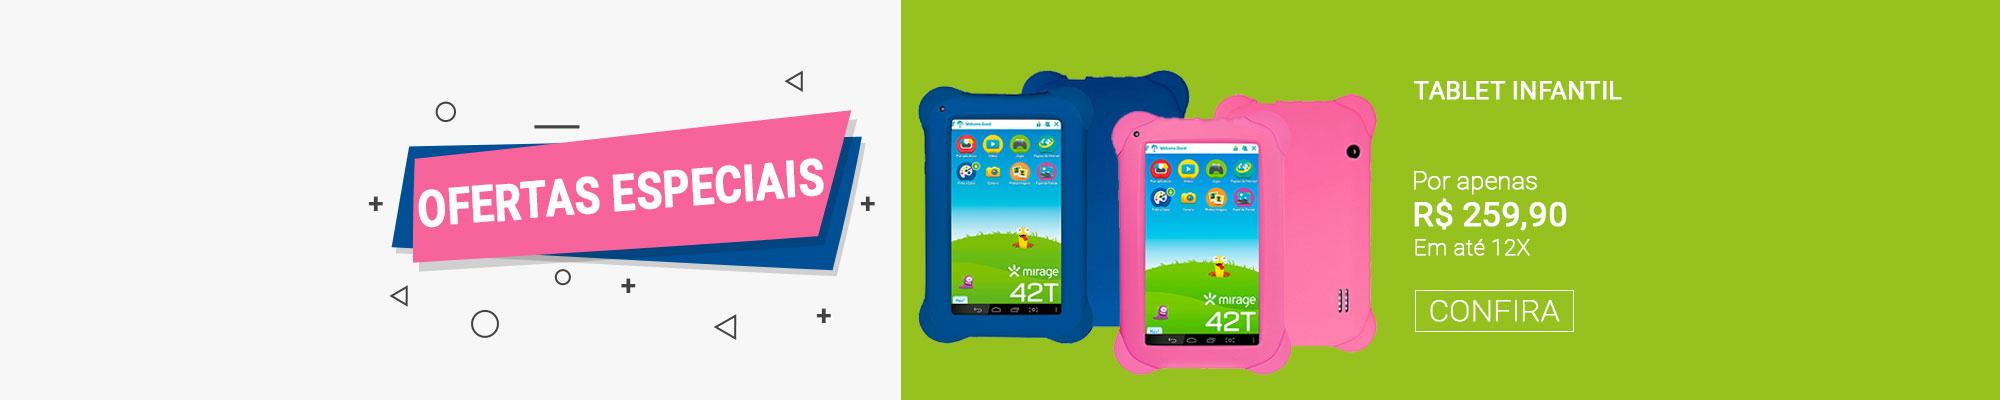 Banner Tablet Infantil